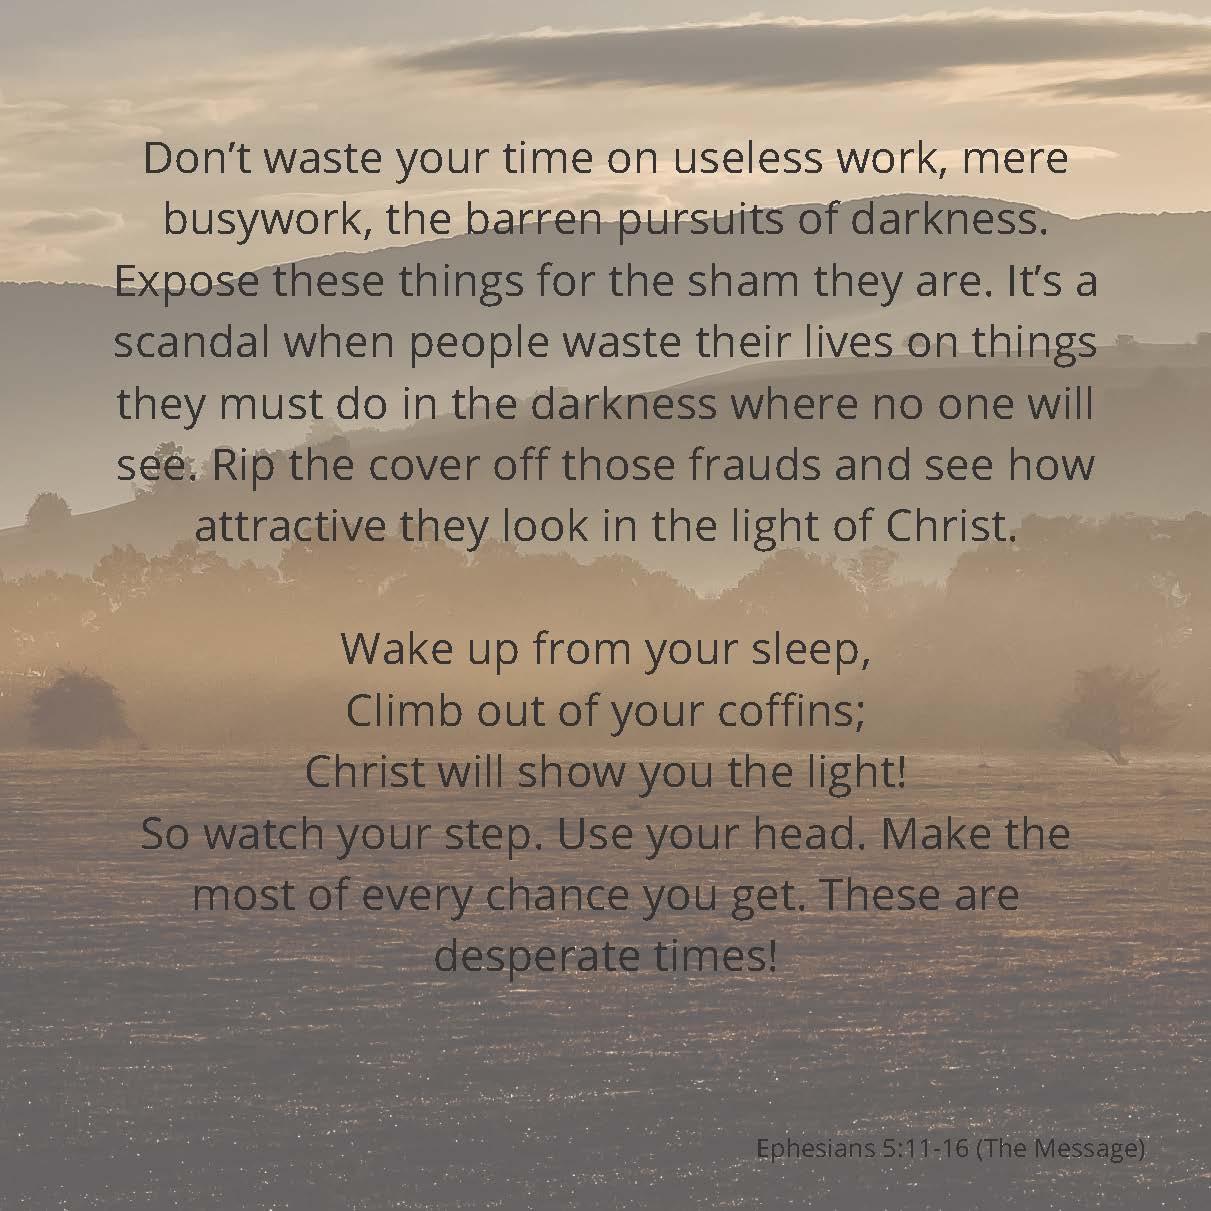 Ephesians 5: 11-16